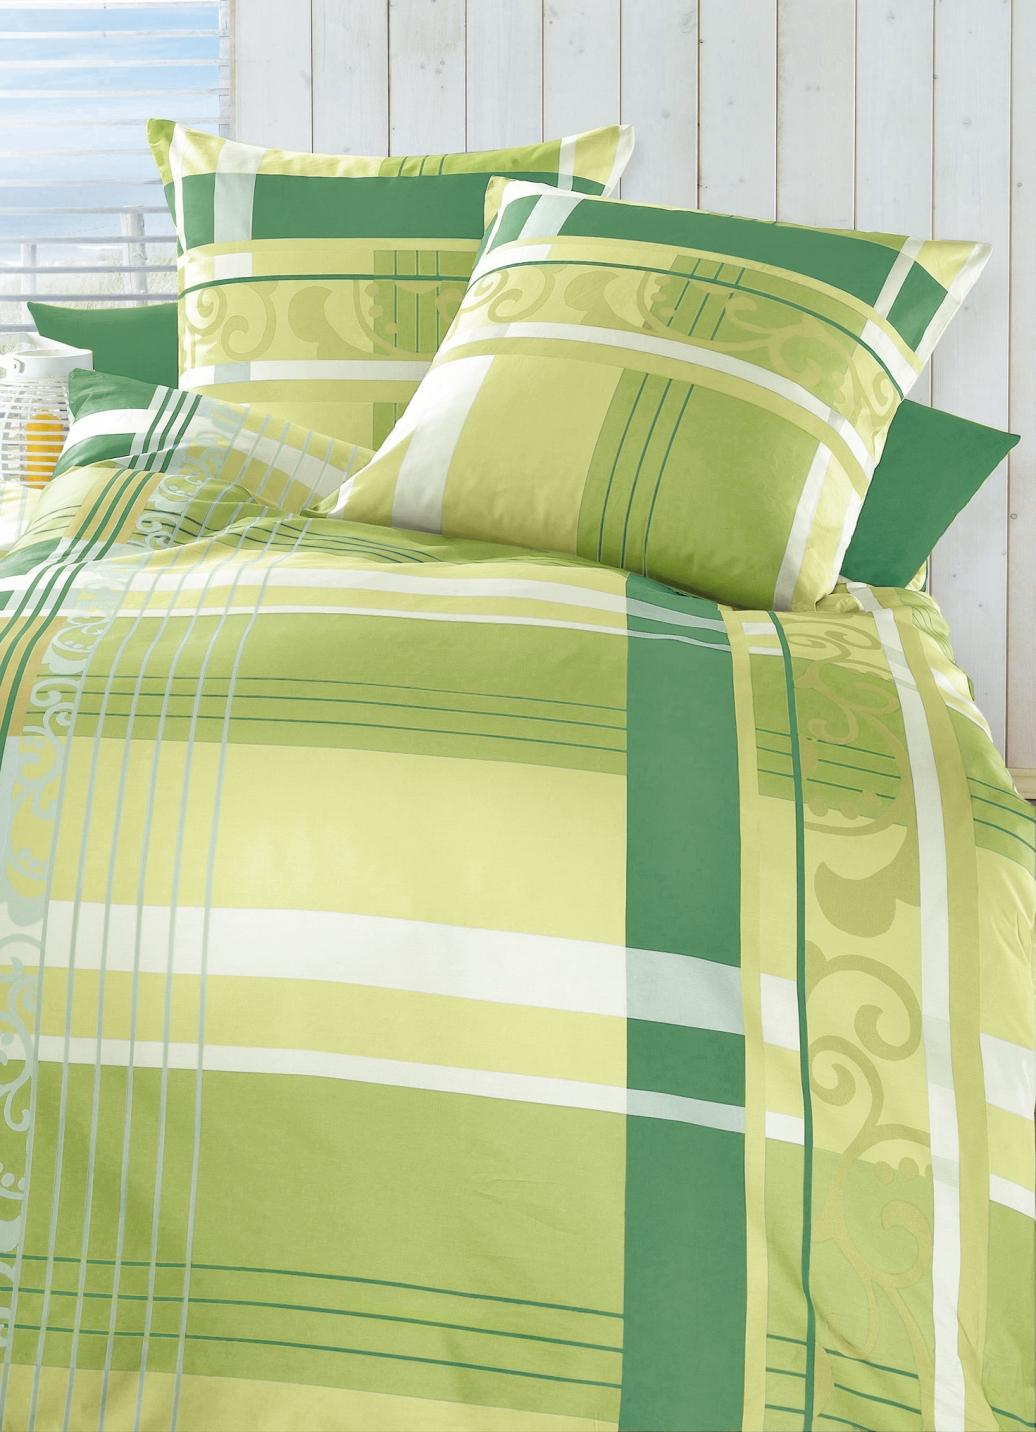 dormisette bettw sche garnitur verschiedene farben und. Black Bedroom Furniture Sets. Home Design Ideas